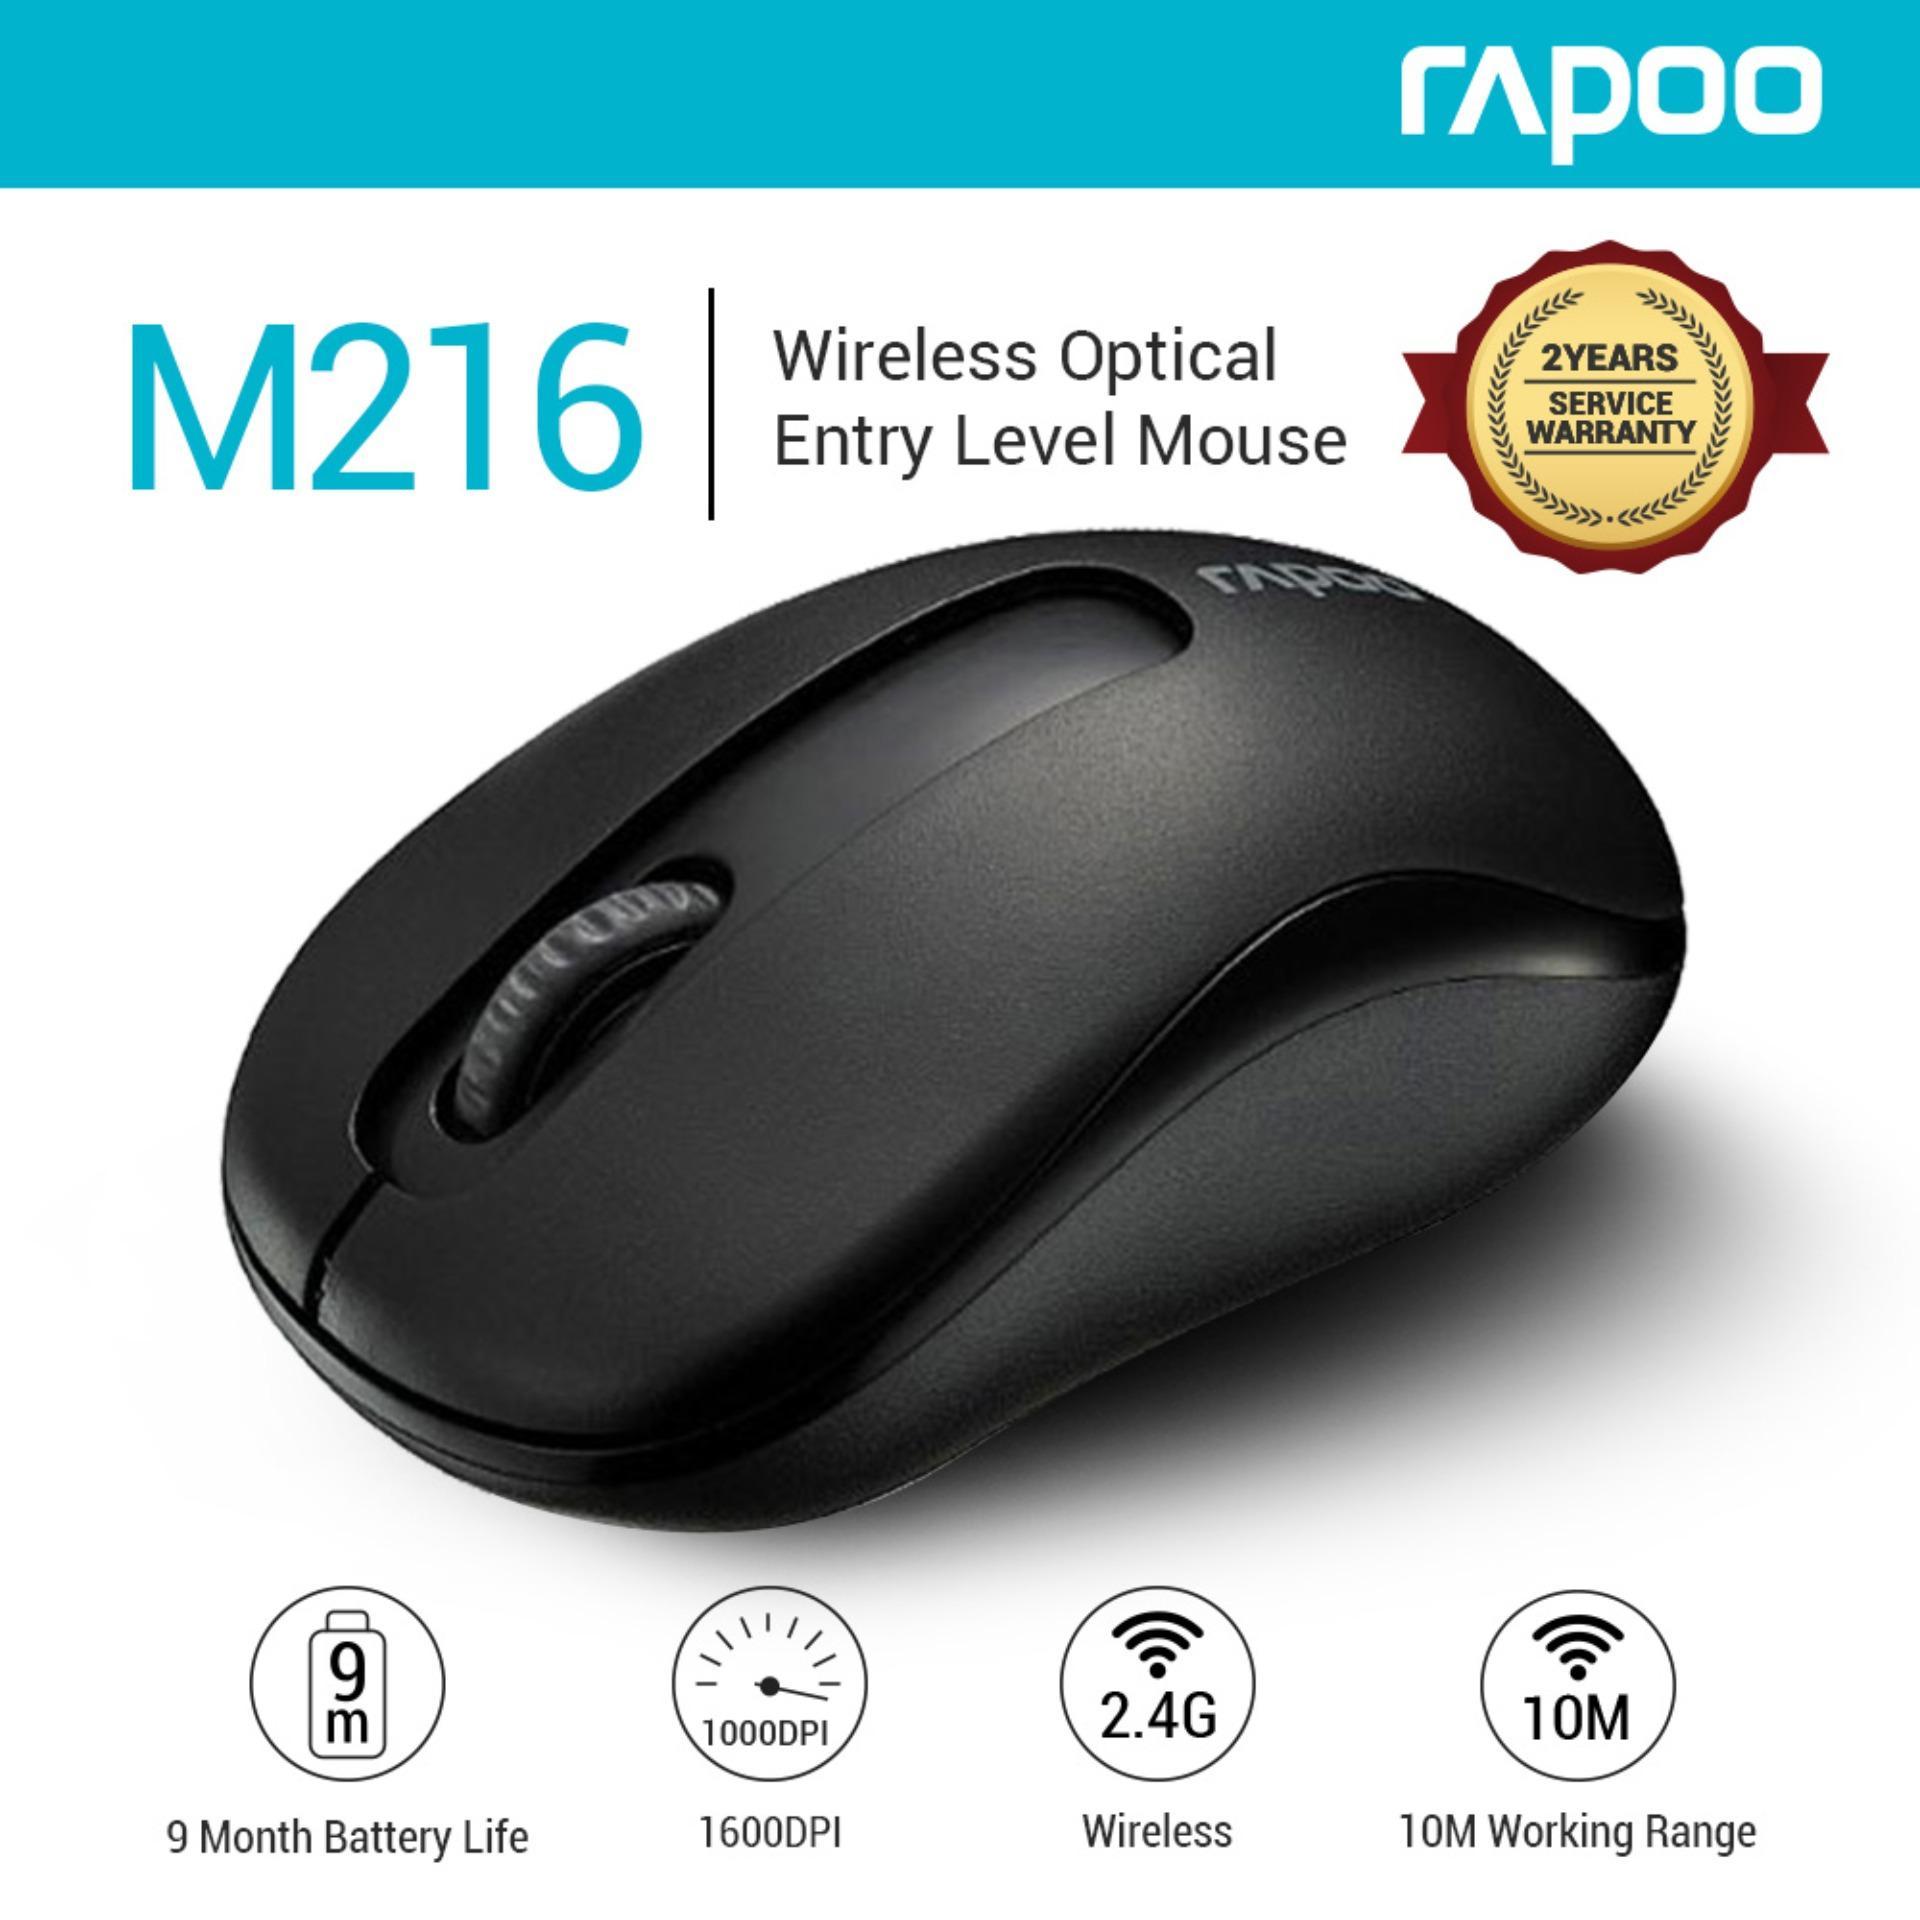 880b121dec4 Rapoo M216 2.4G Wireless 10m Working Range DPI 1000 Wireless Mouse Notebook  Desktop Wireless 2.4